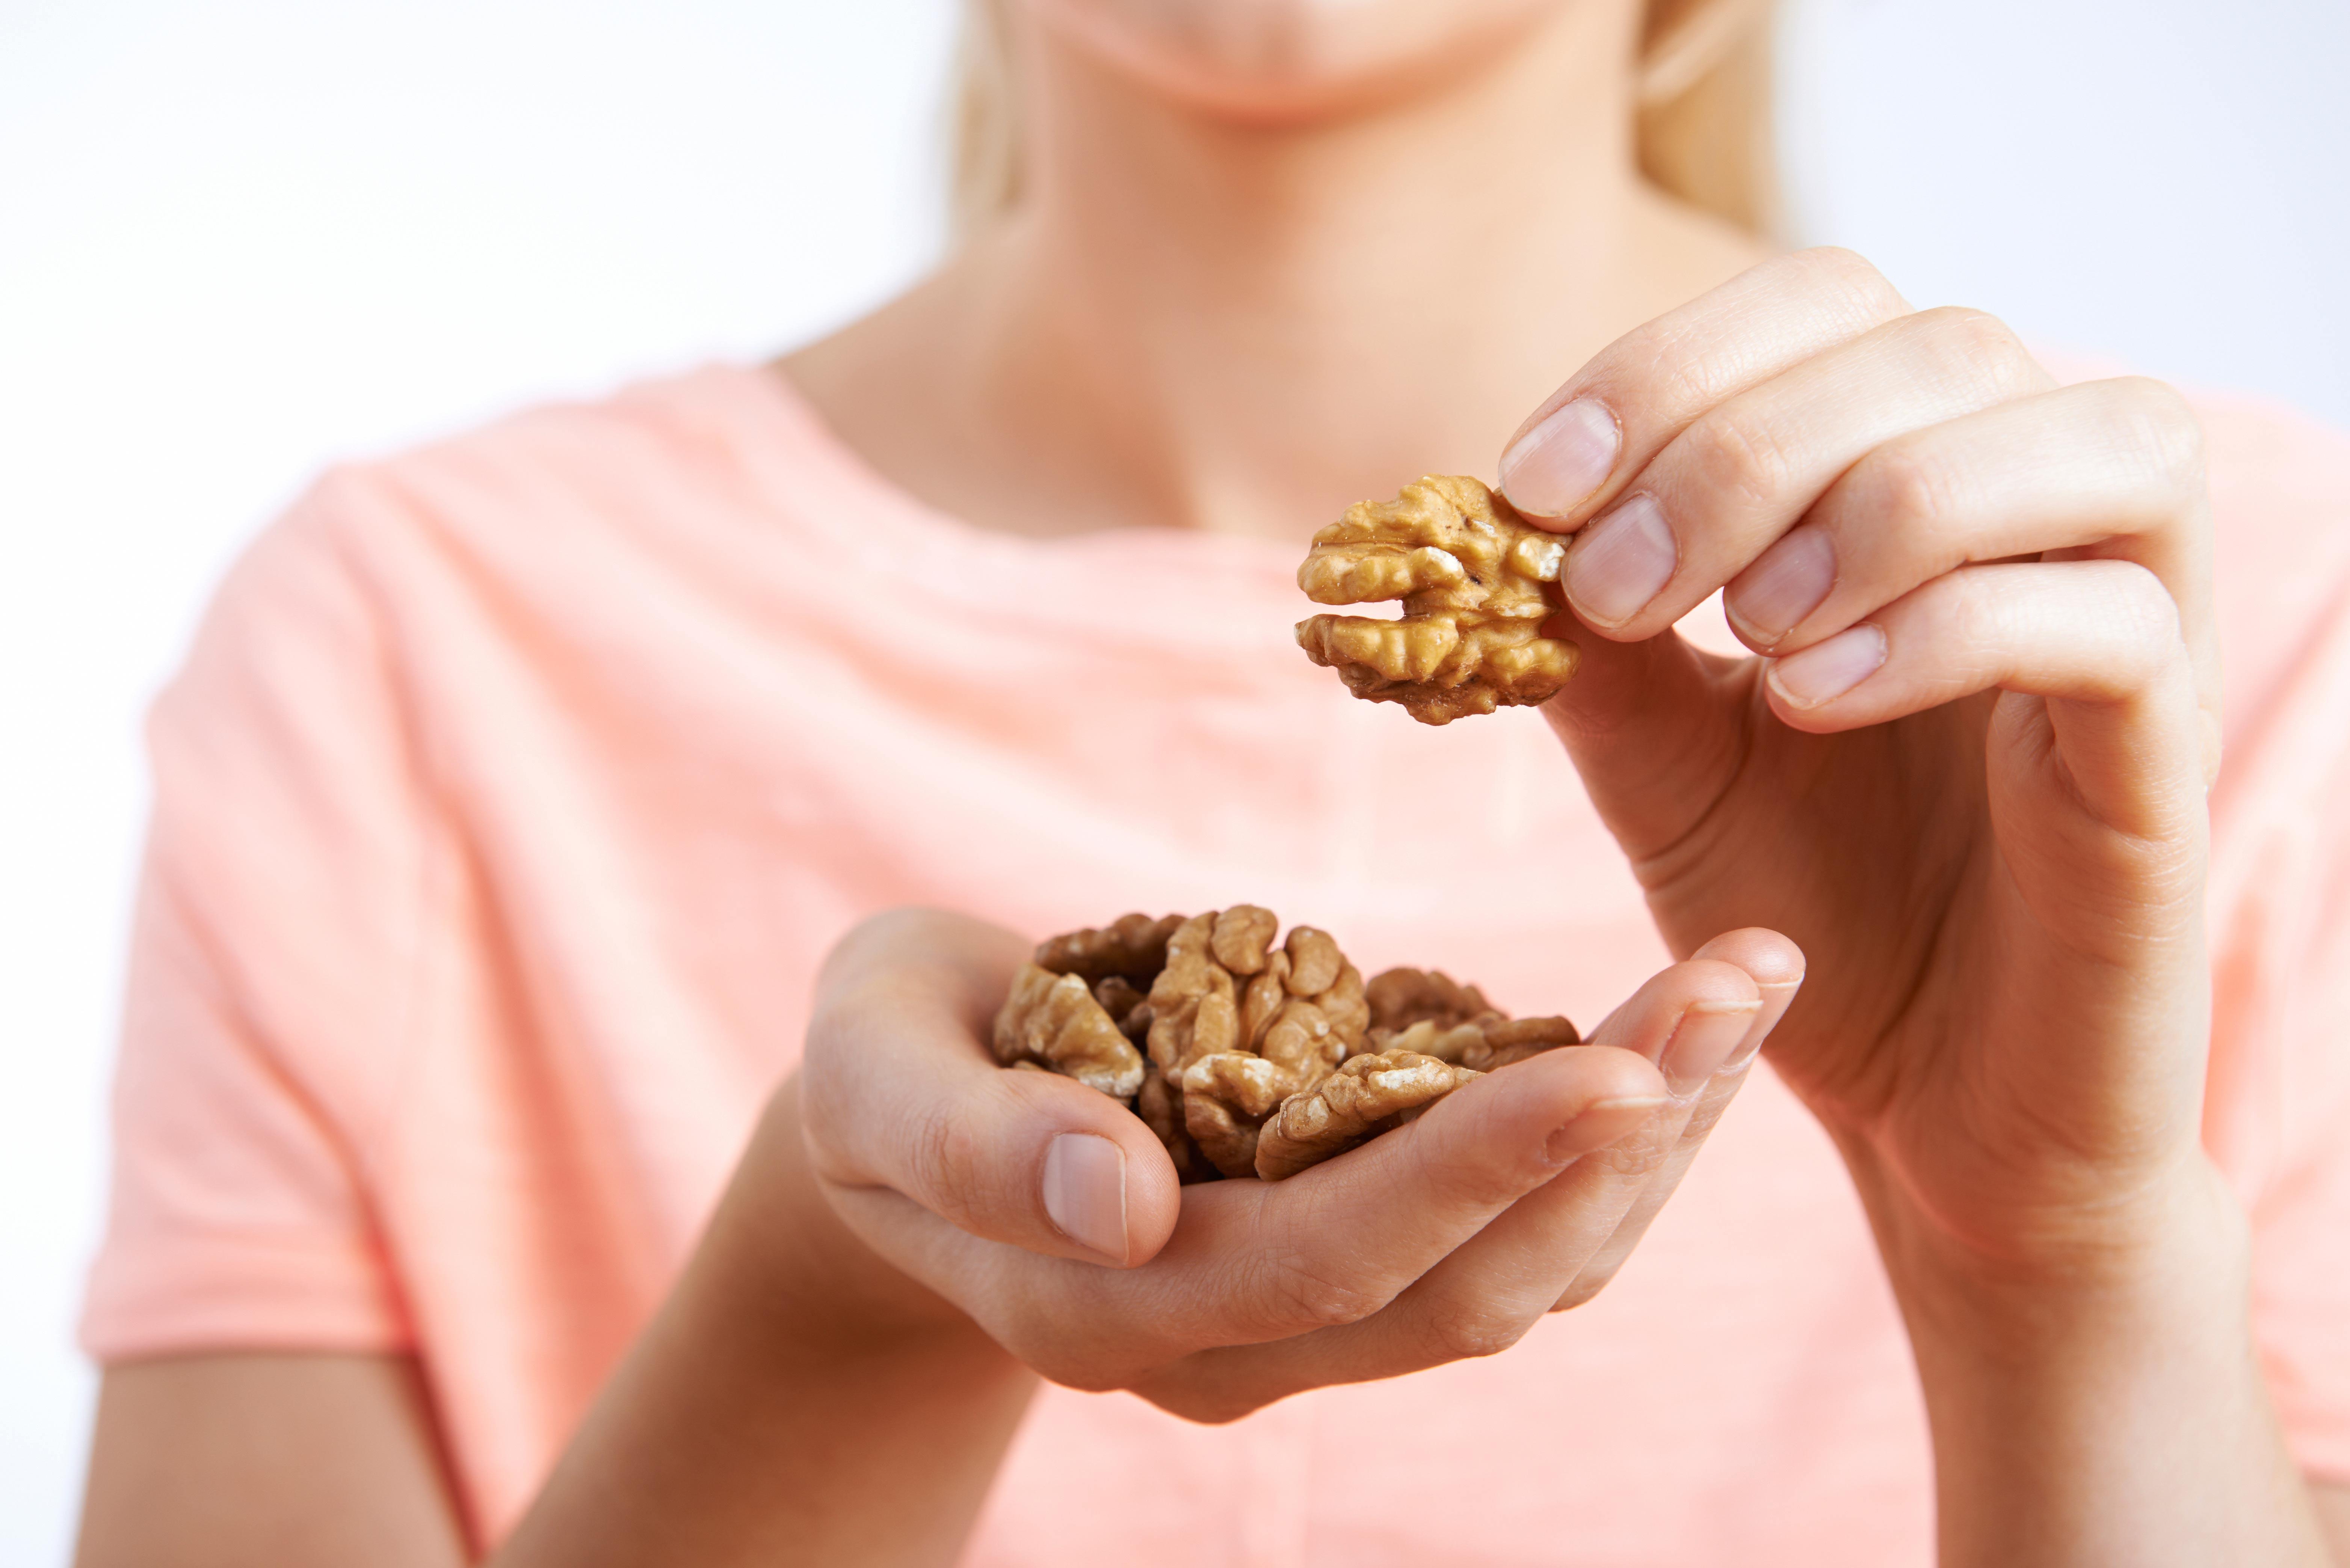 Incorpora nueces a tu dieta diaria y lograrás un estado más saludable.